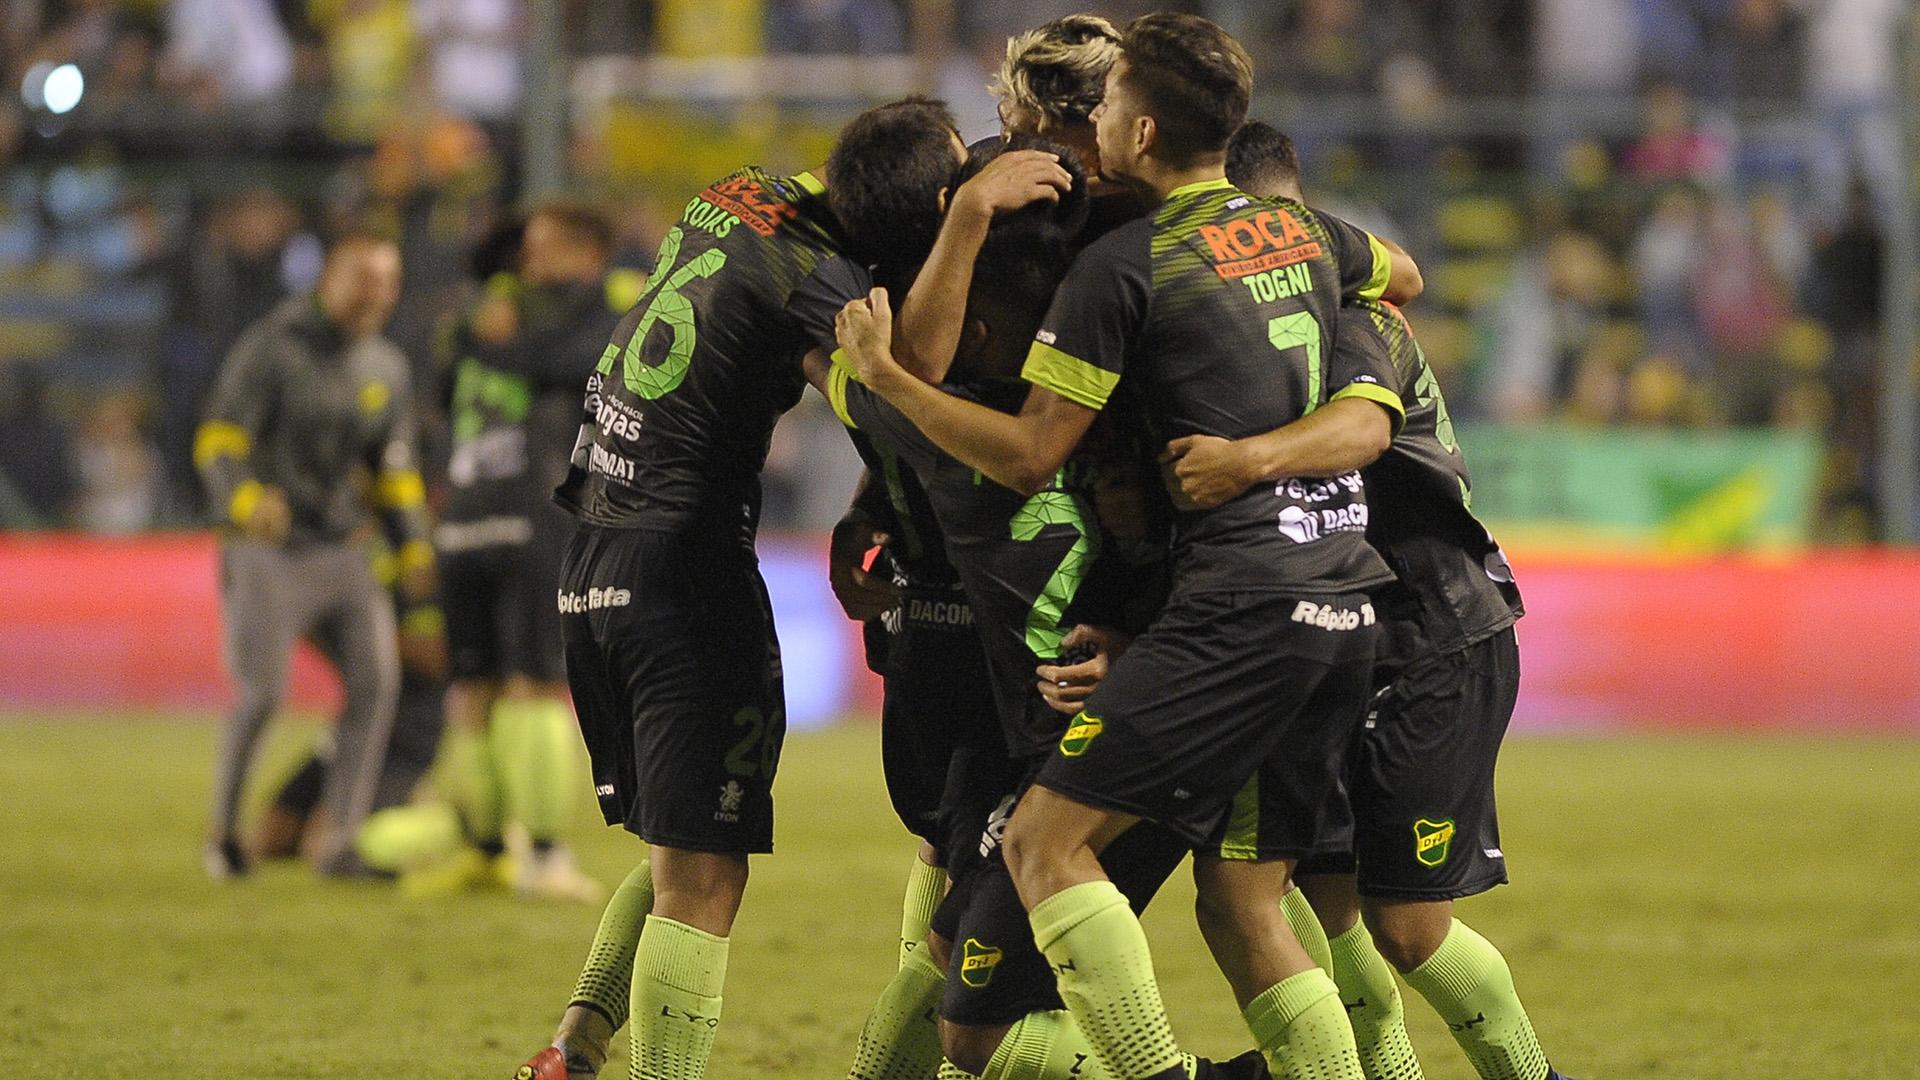 Defensa enfrentará mañana a Boca (Foto Baires)